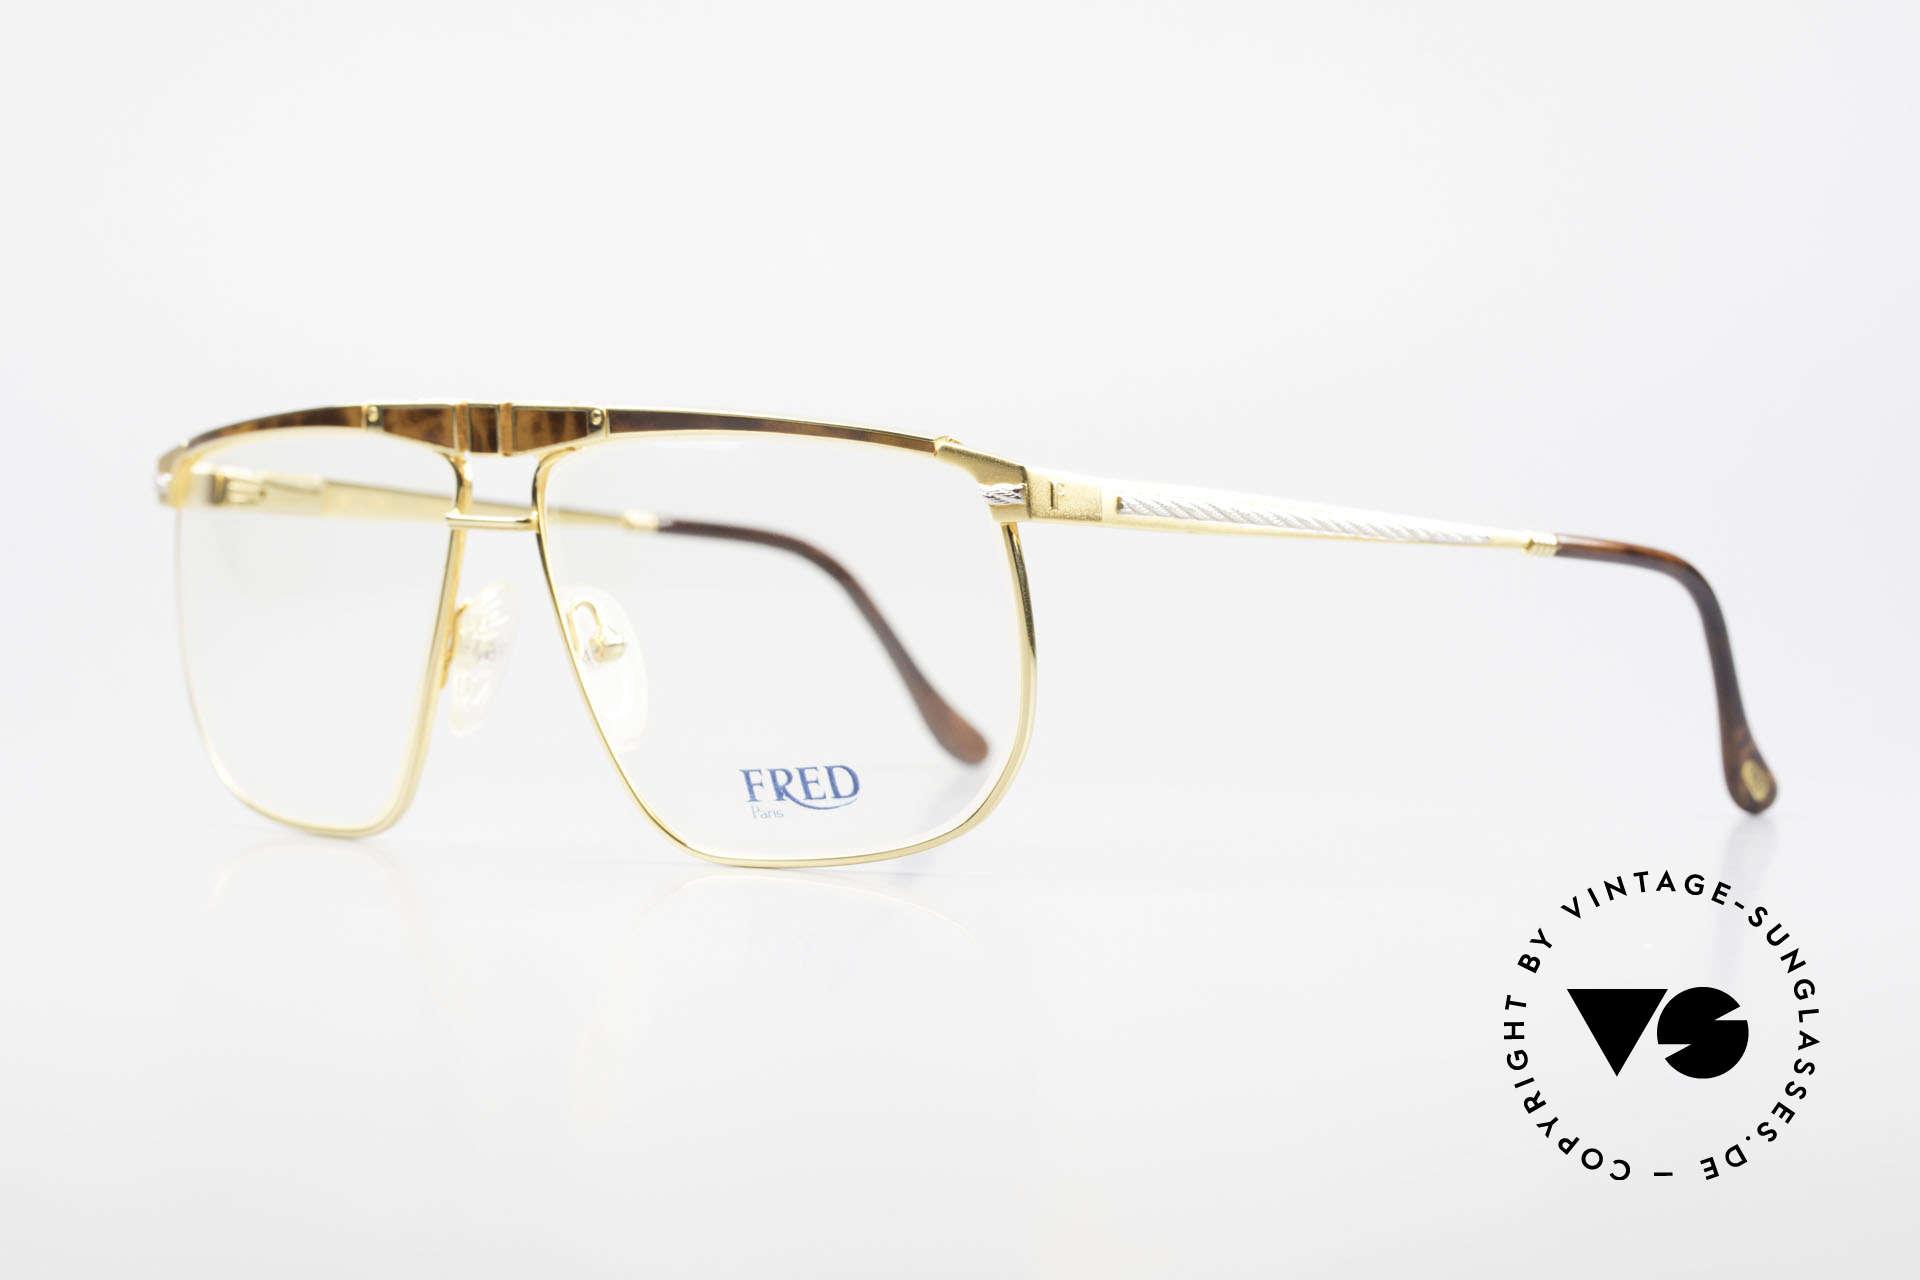 Fred Ocean Luxusbrille Herren Vergoldet, eine absolute Luxusbrille (22kt vergoldet) für Kenner, Passend für Herren